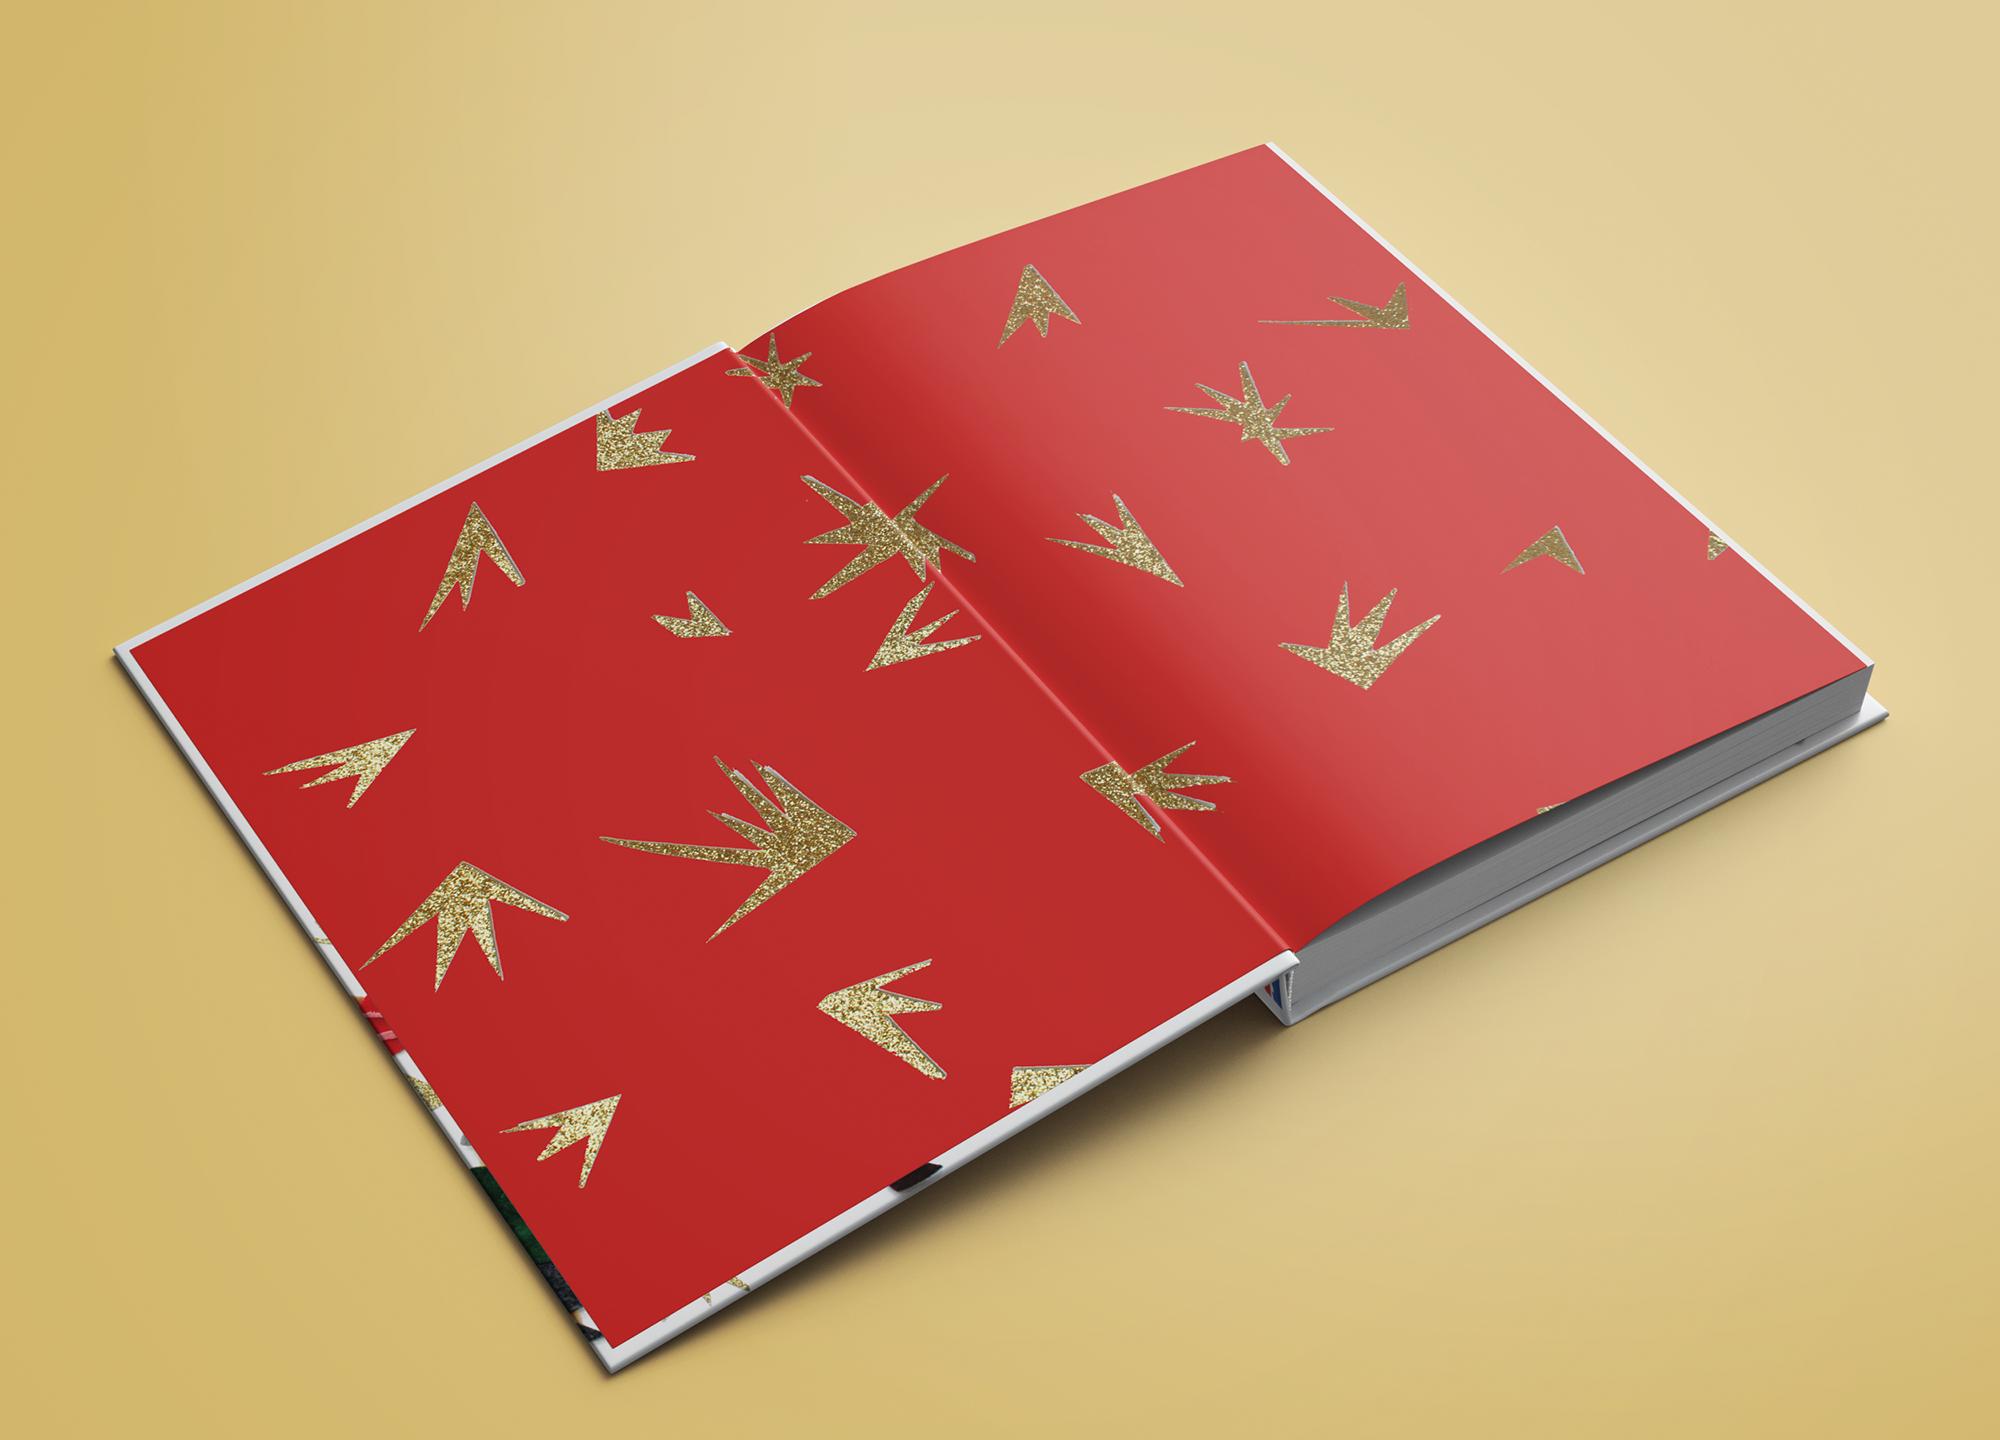 Portfolio_WSABF Book_Mockup_03FA copy-small.png